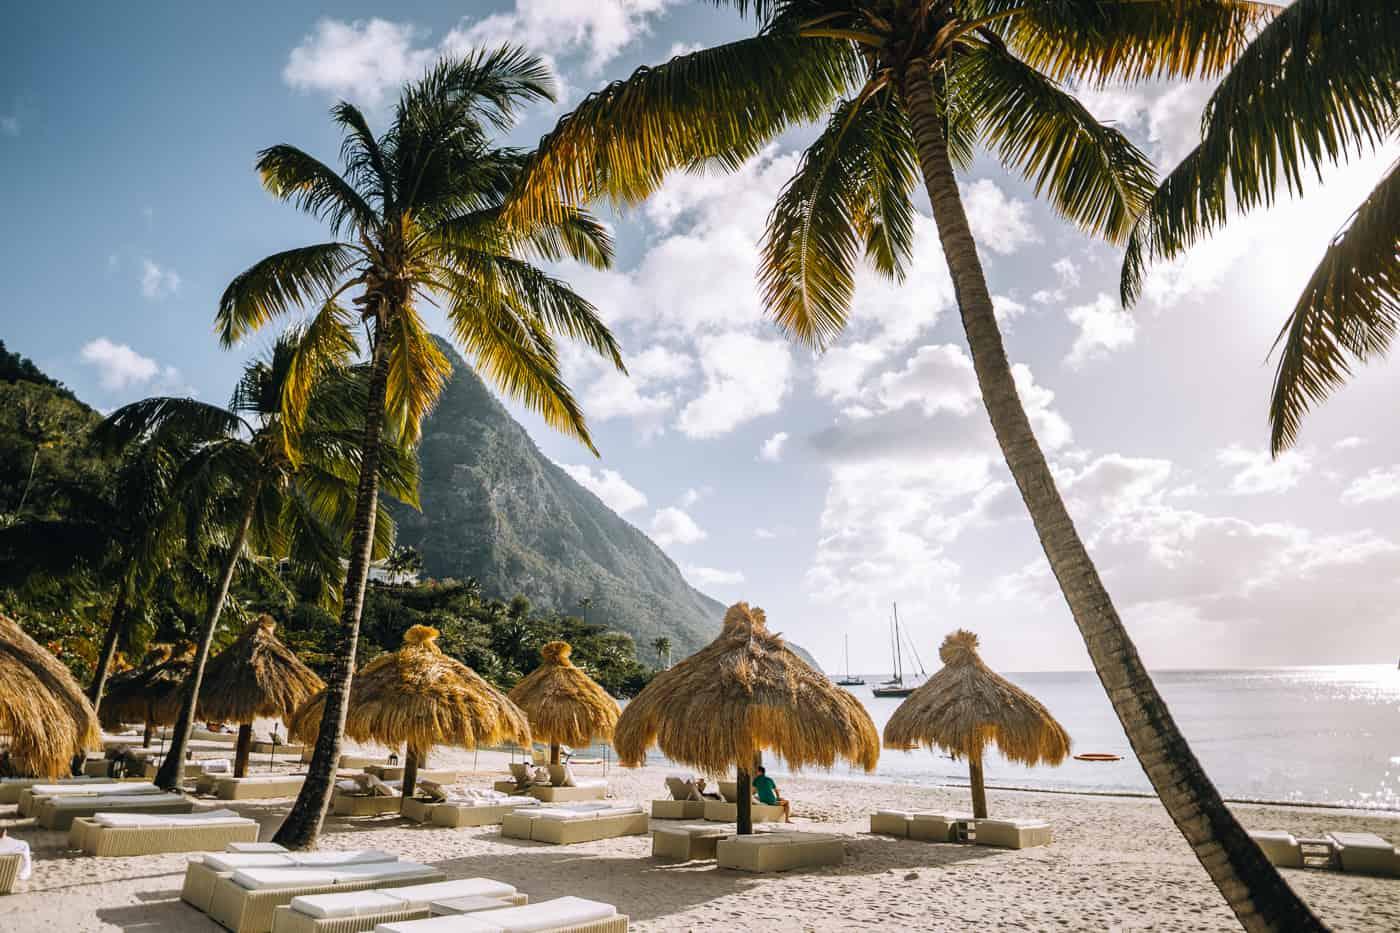 Saint Lucia - Tipps, Sehenswürdigkeiten, Strände & Ausflugsziele auf der Karibik-Insel: Sugar Beach